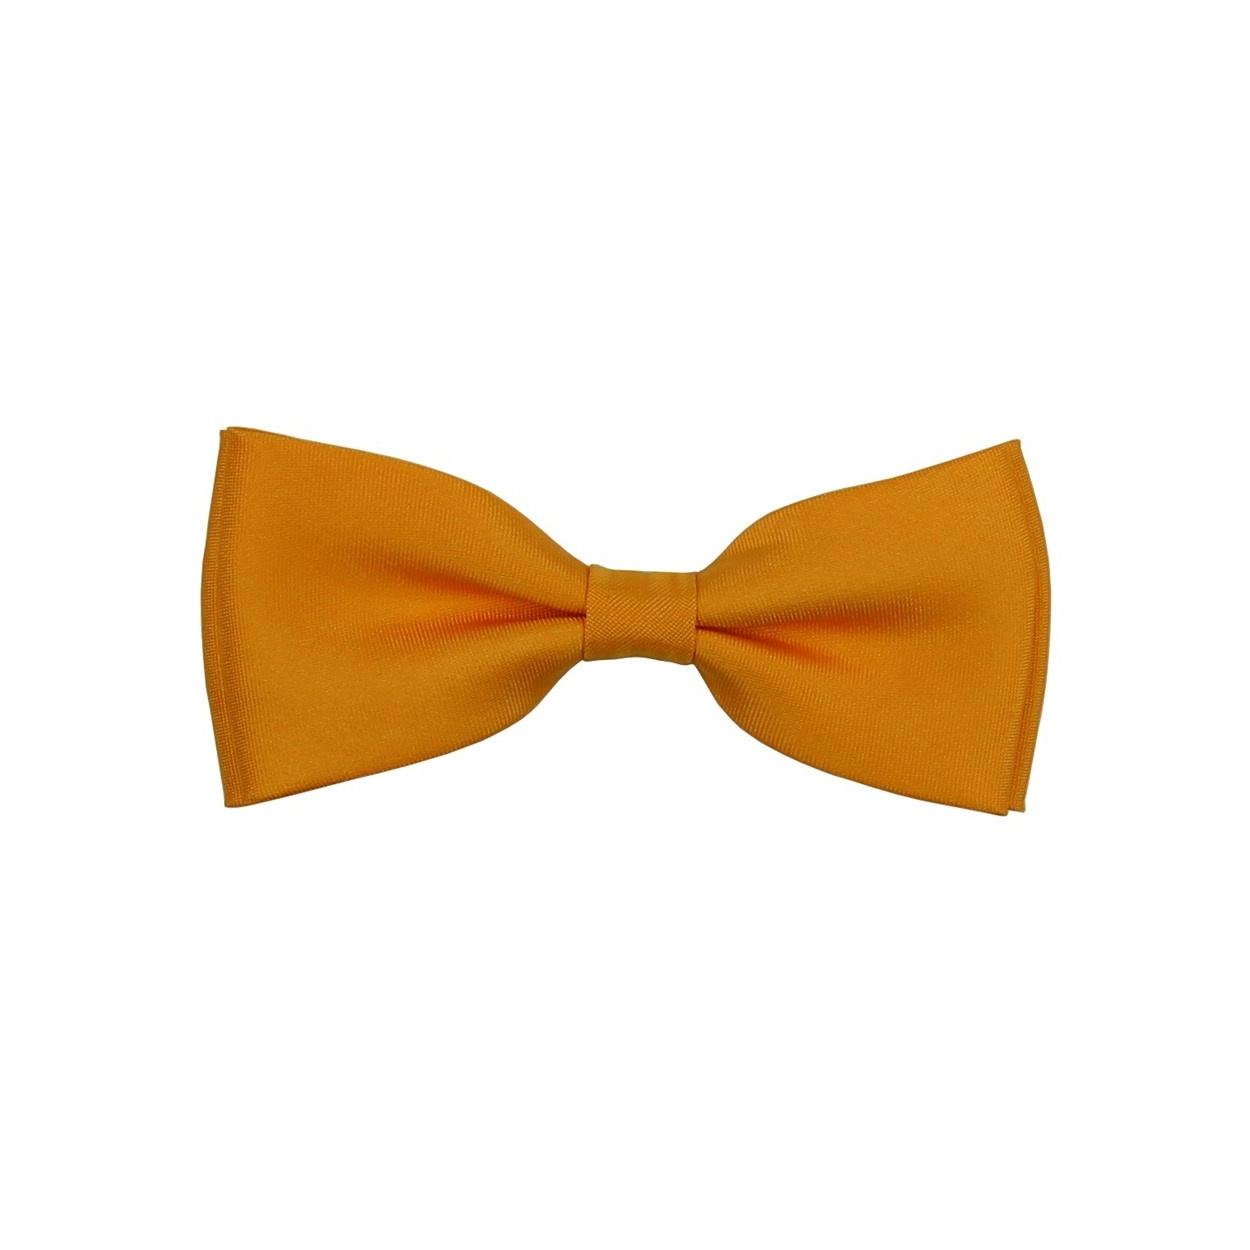 Žluto oranžový pánský motýlek